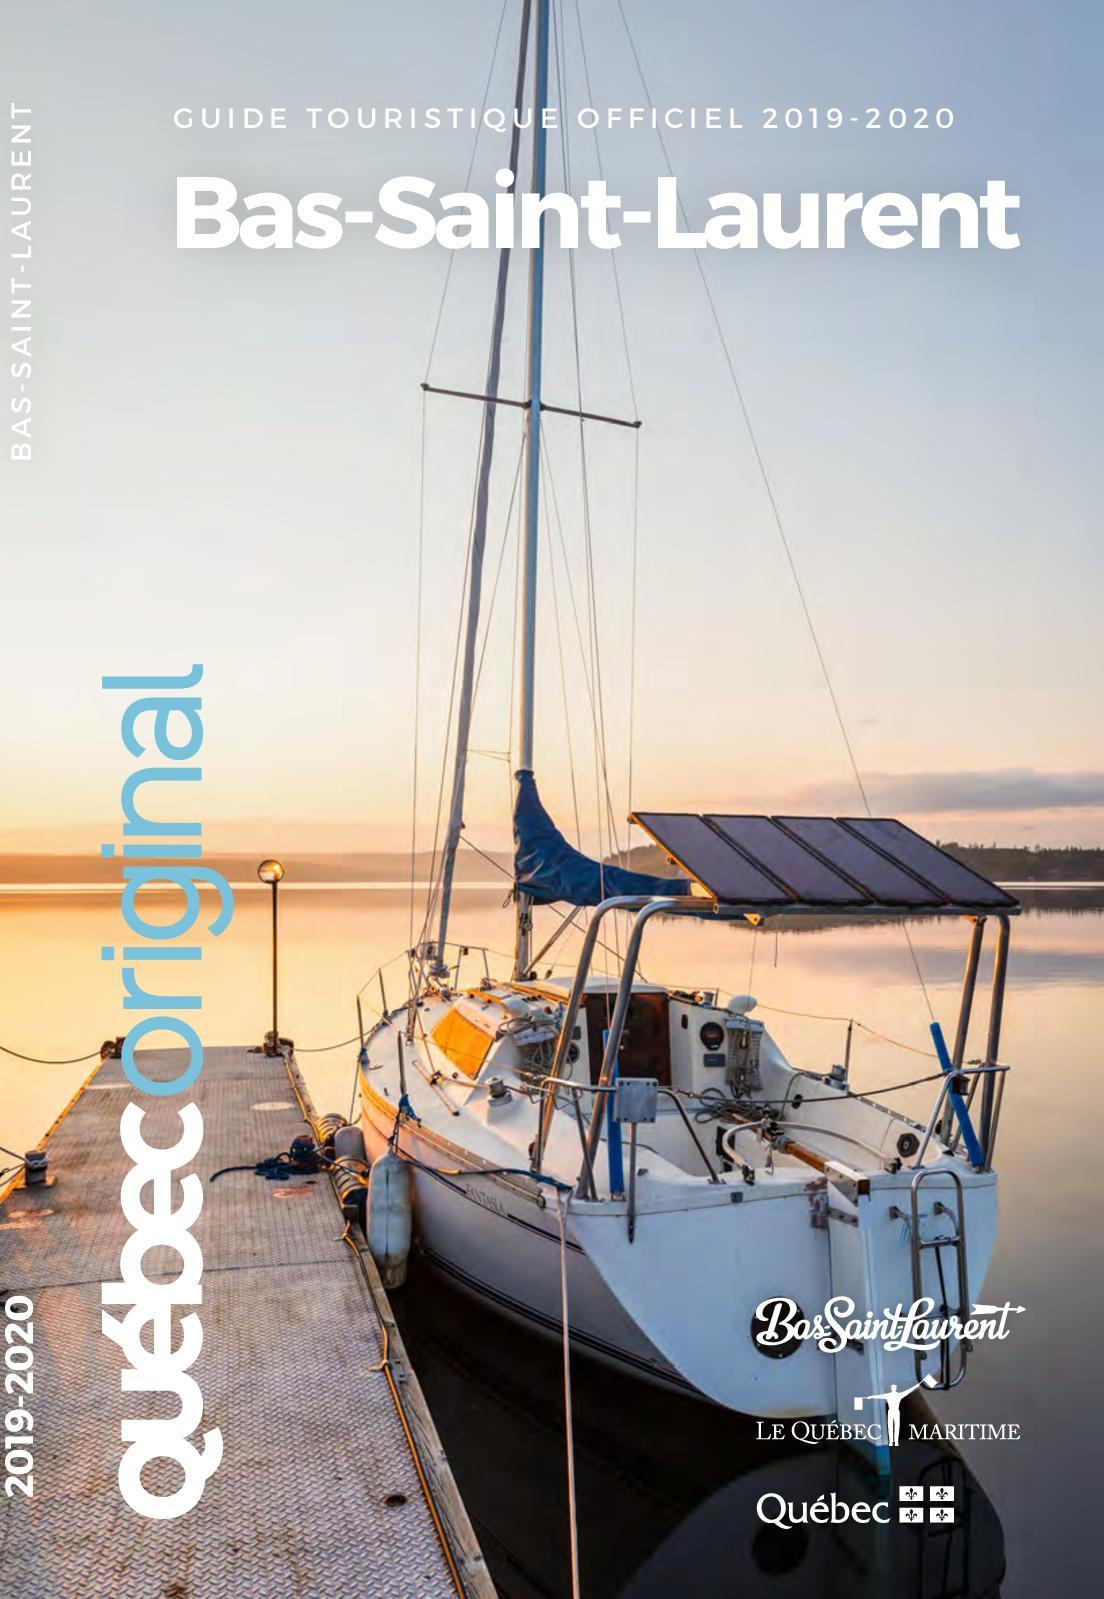 Guide touristique officiel Bas-Saint-Laurent 2019-2020